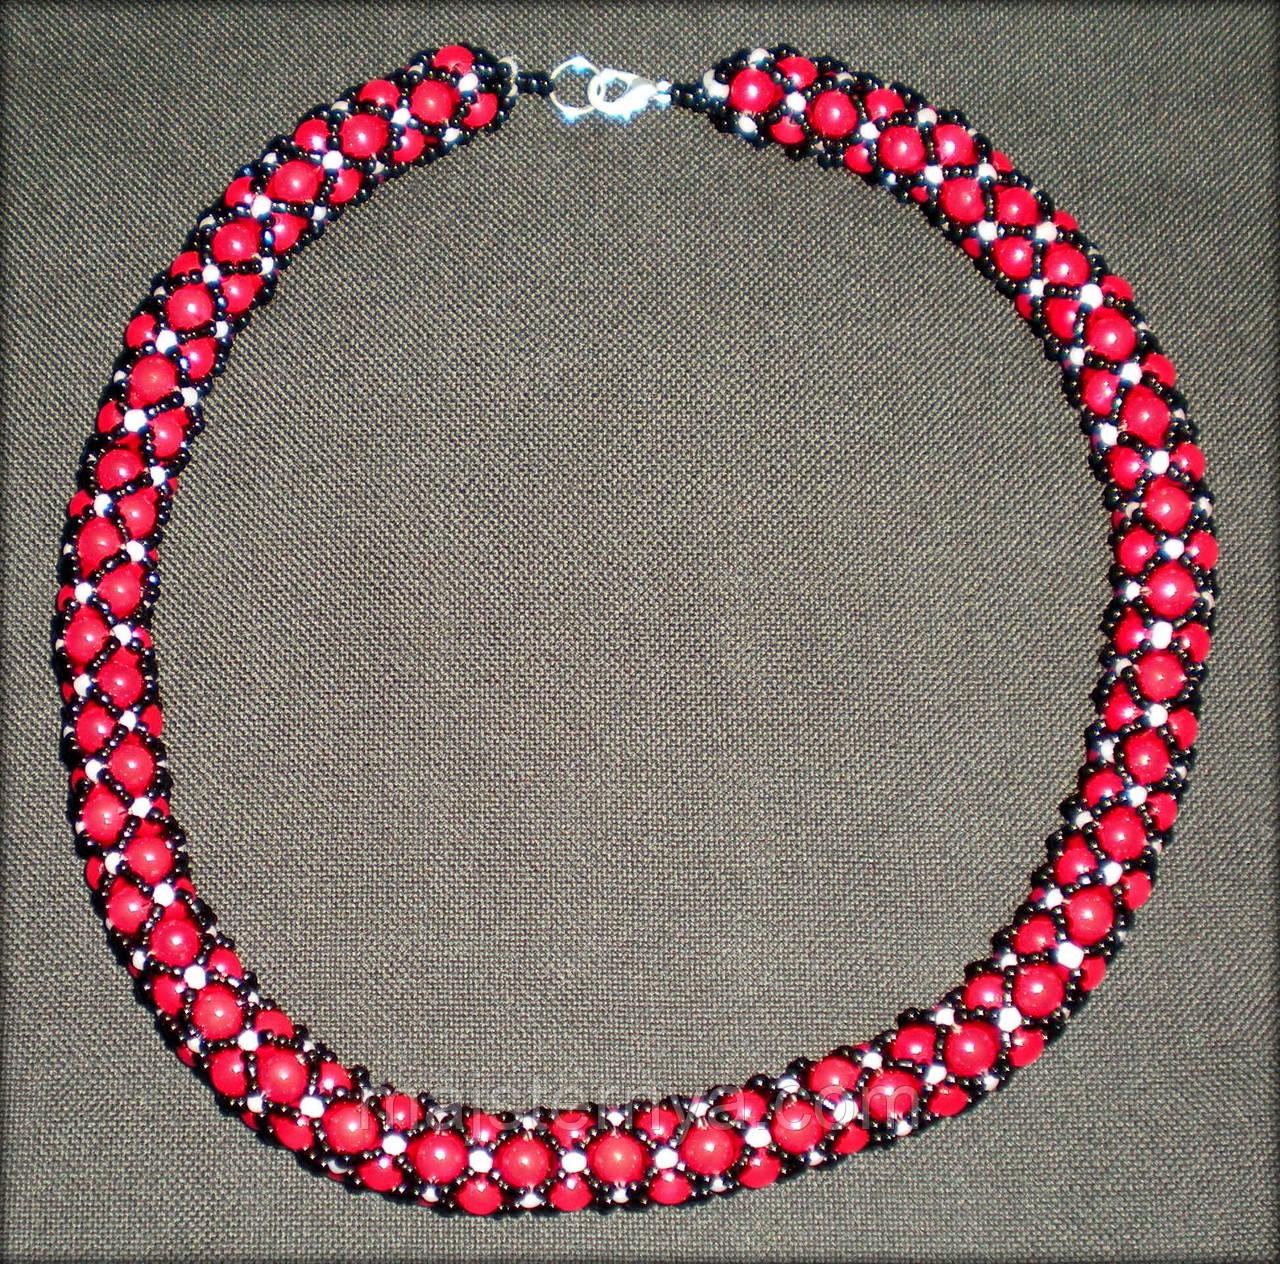 Джгут з чорного та білого бісеру і бусин червоного кольору